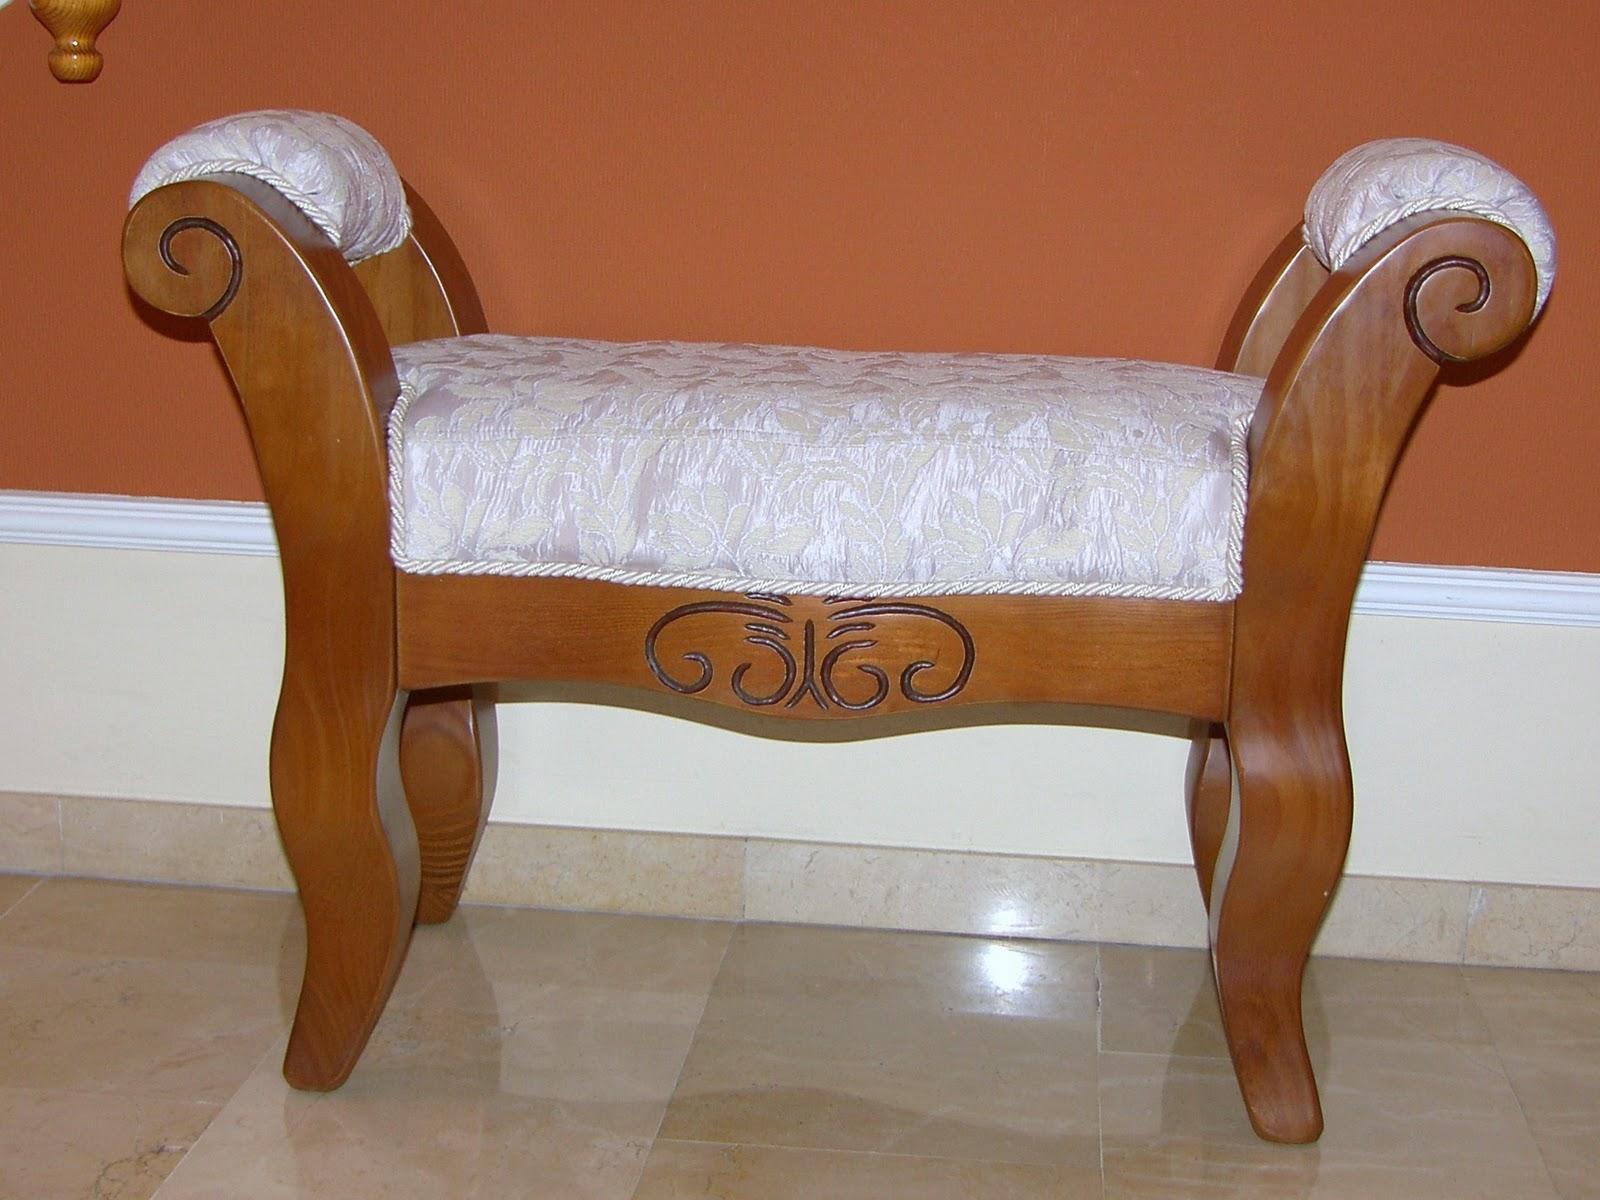 Fabrica de sillas de madera pauli sillas y mesas de for Modelos de sillas para barra en madera